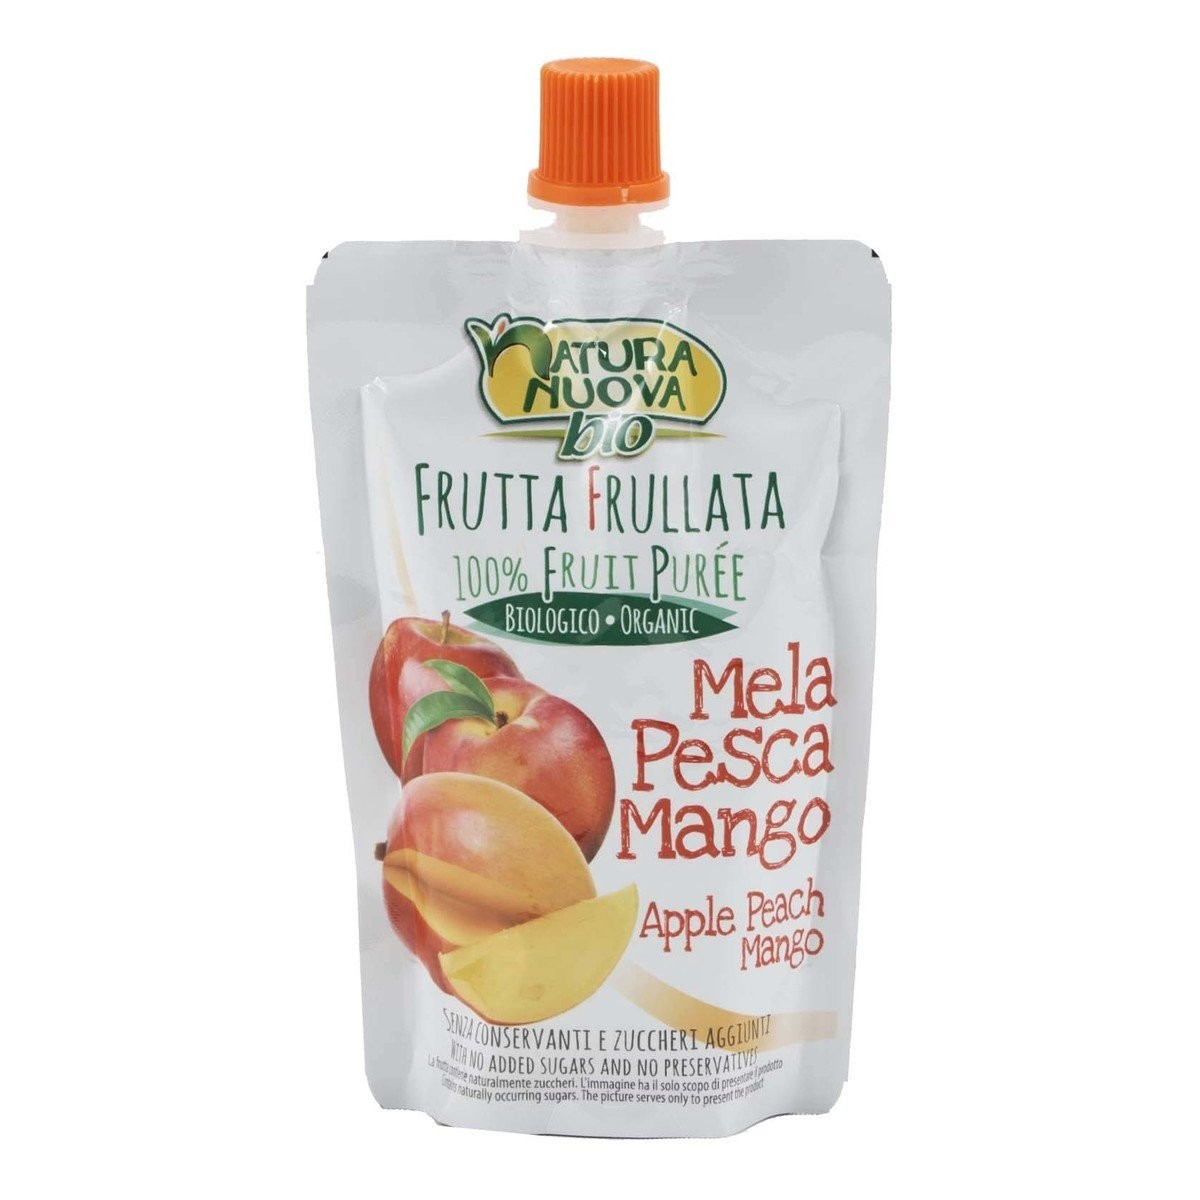 Natura Nuova Frutta frullata bio